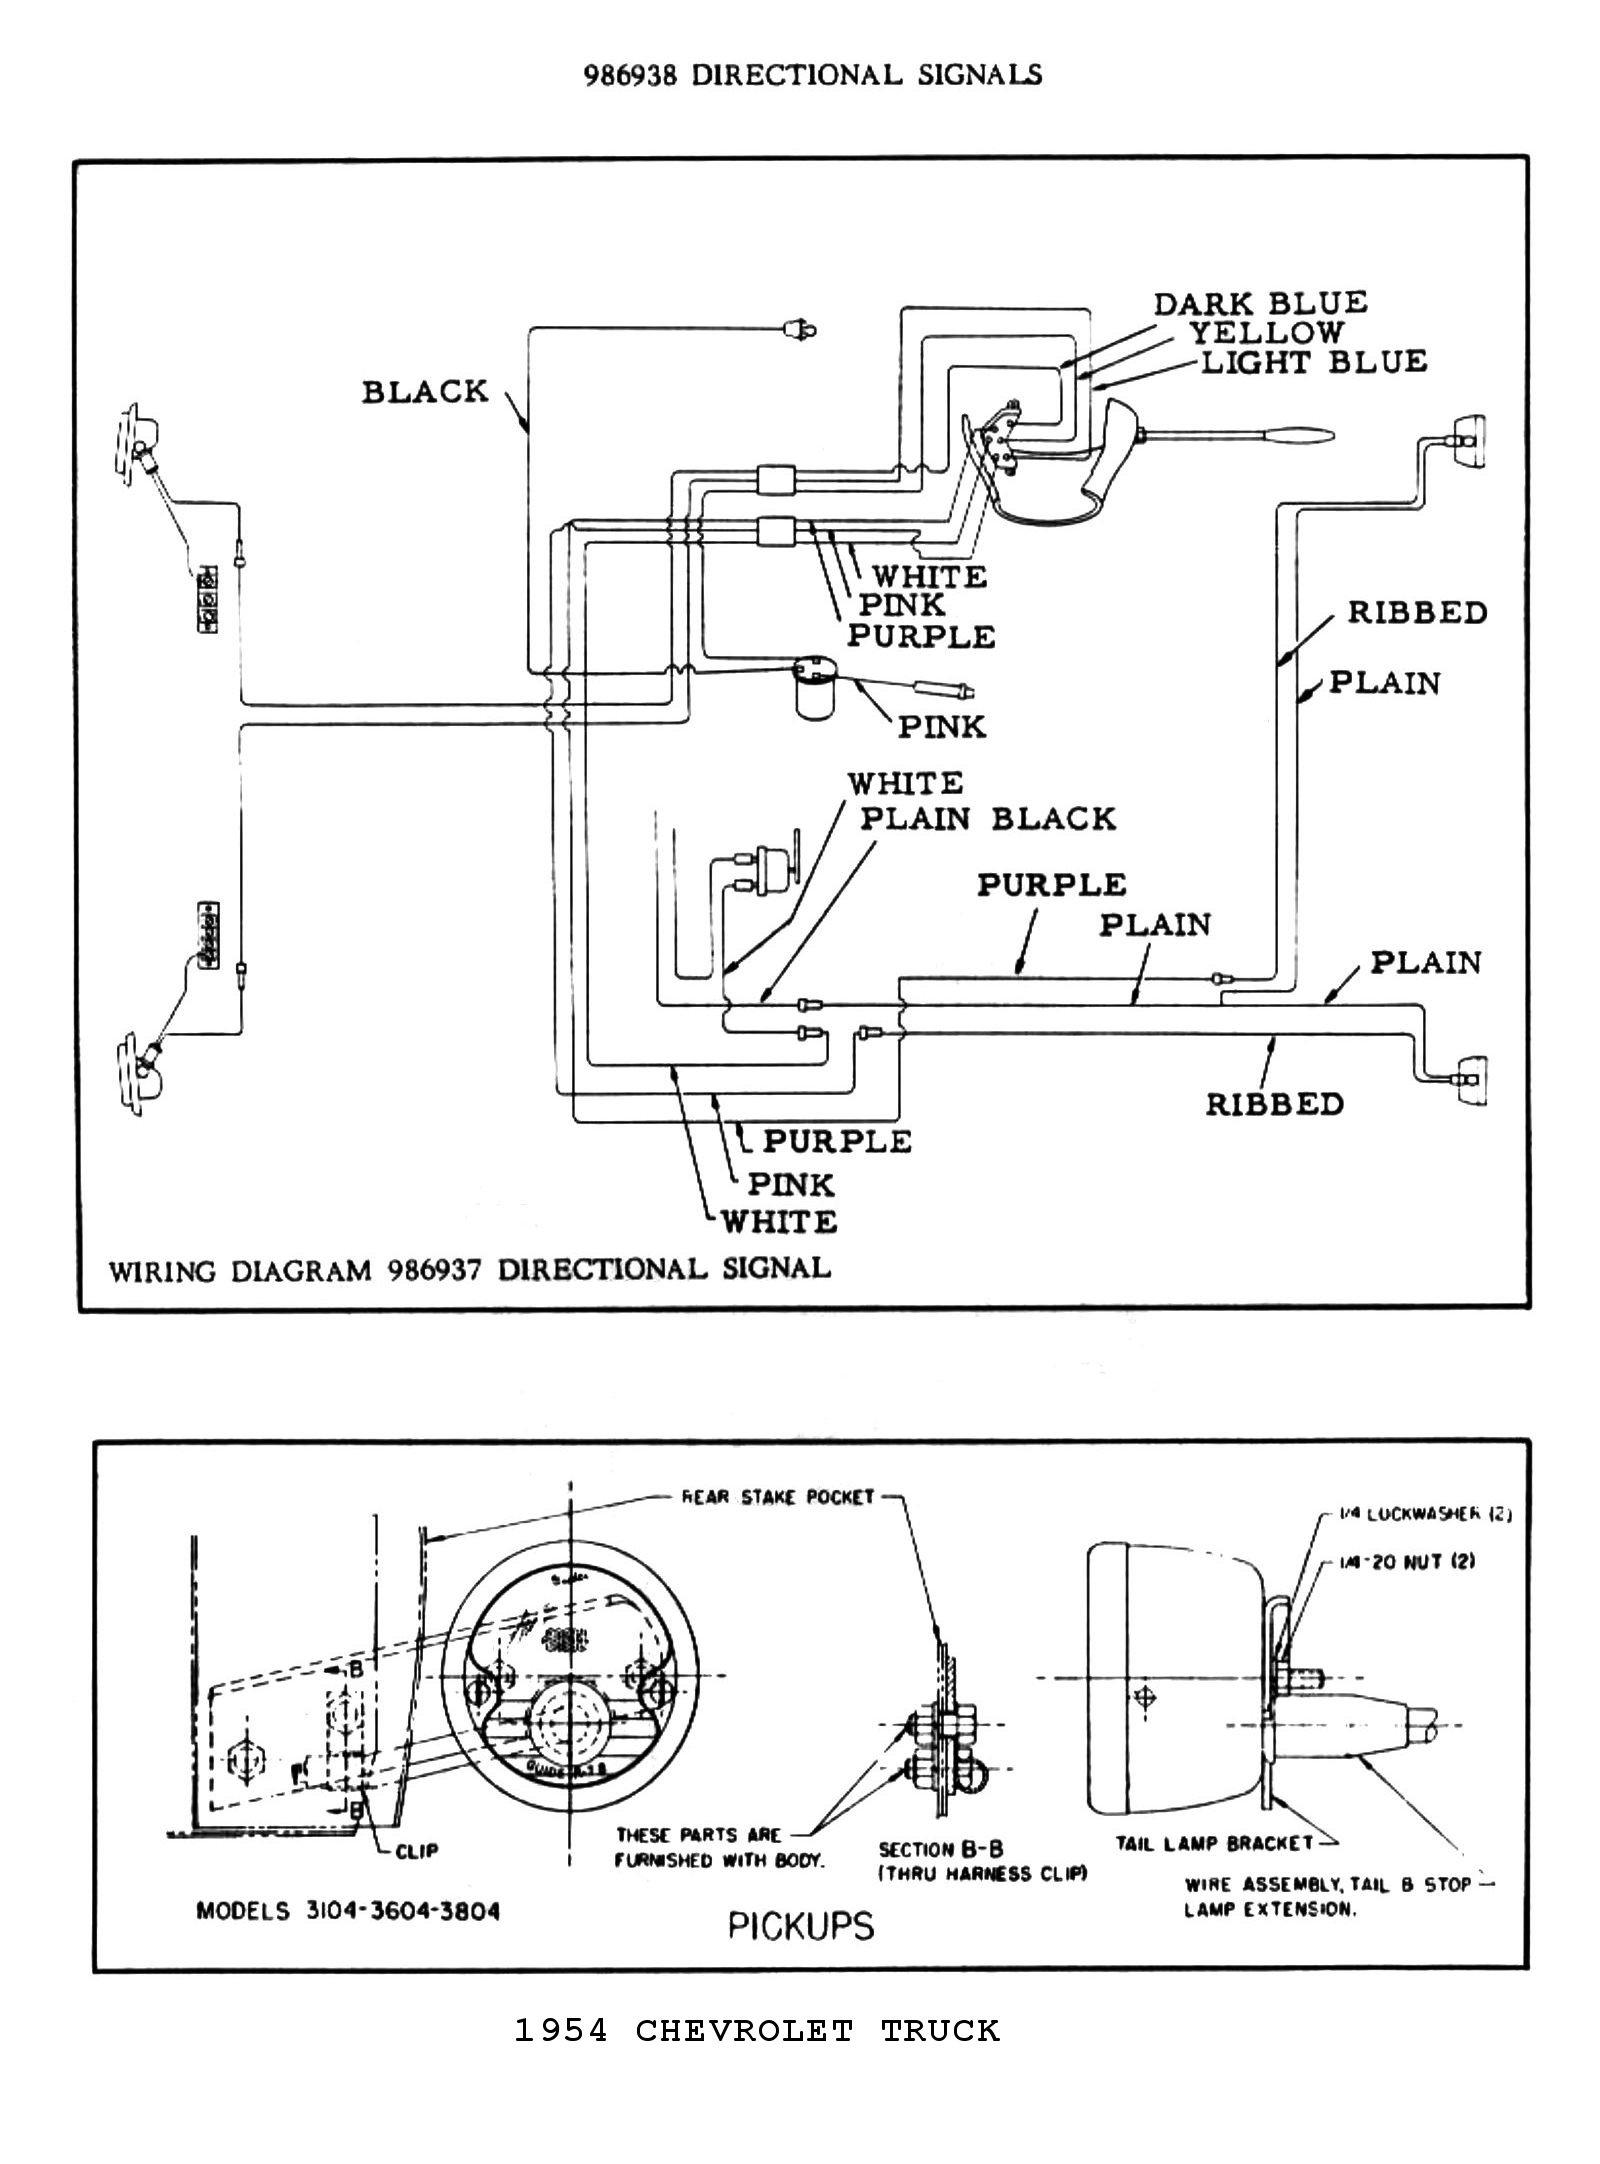 1951 ferrari wiring harness